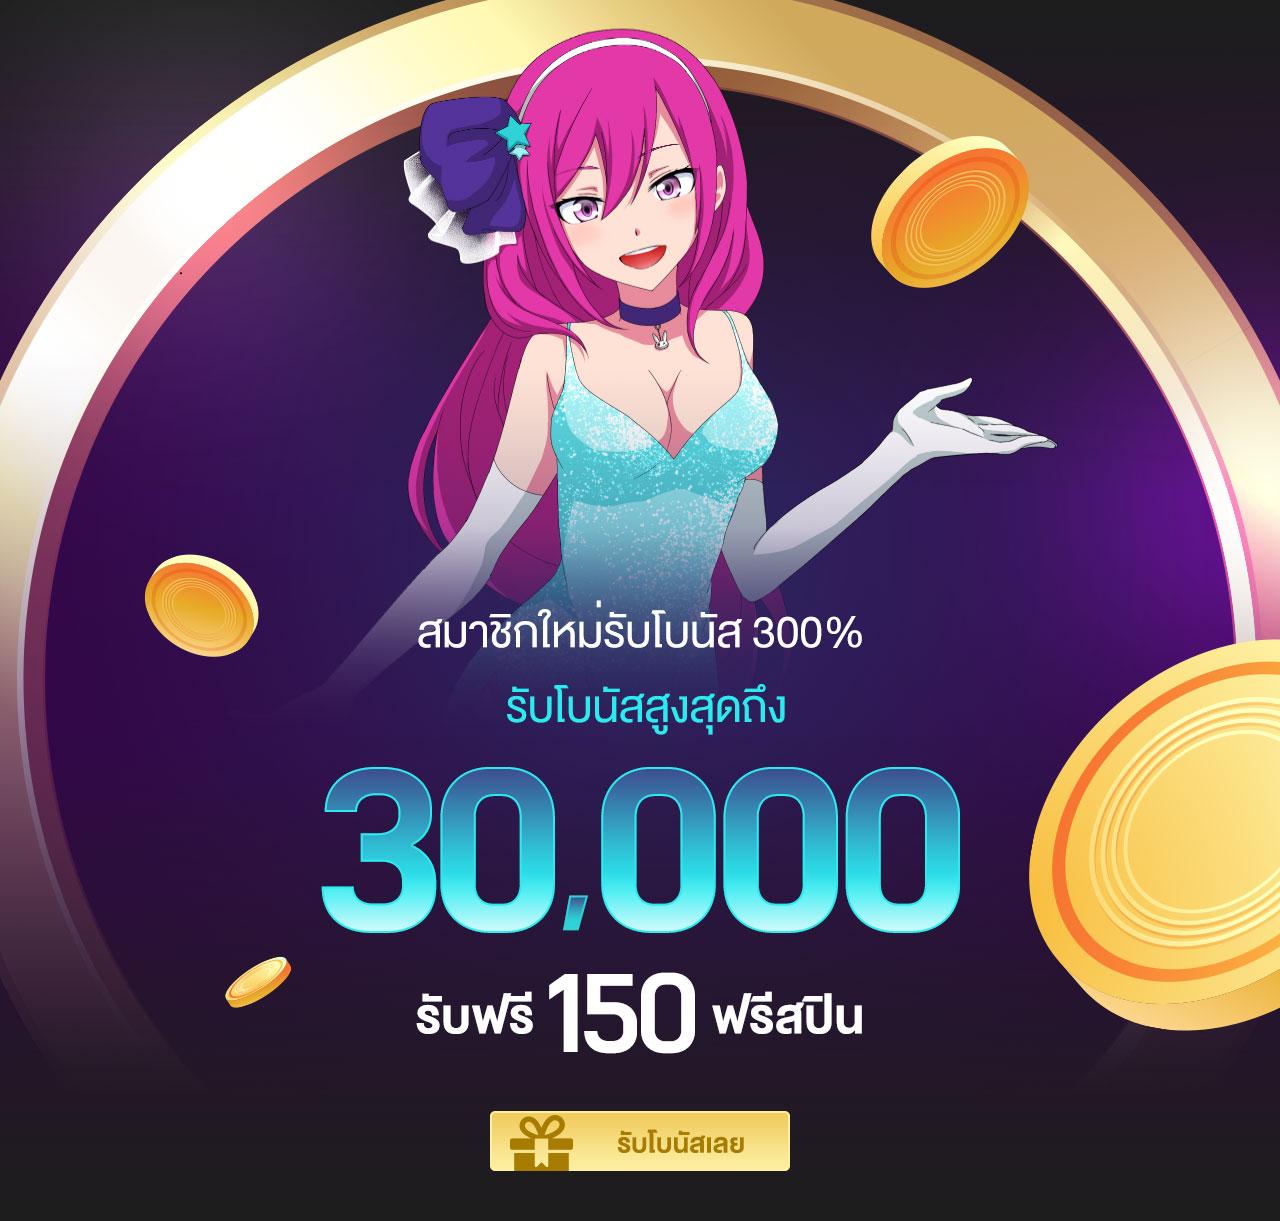 ฝากเงินเว็บคาสิโนออนไลน์ Gclub Casino สมัครรับเครดิตฟรี 30000